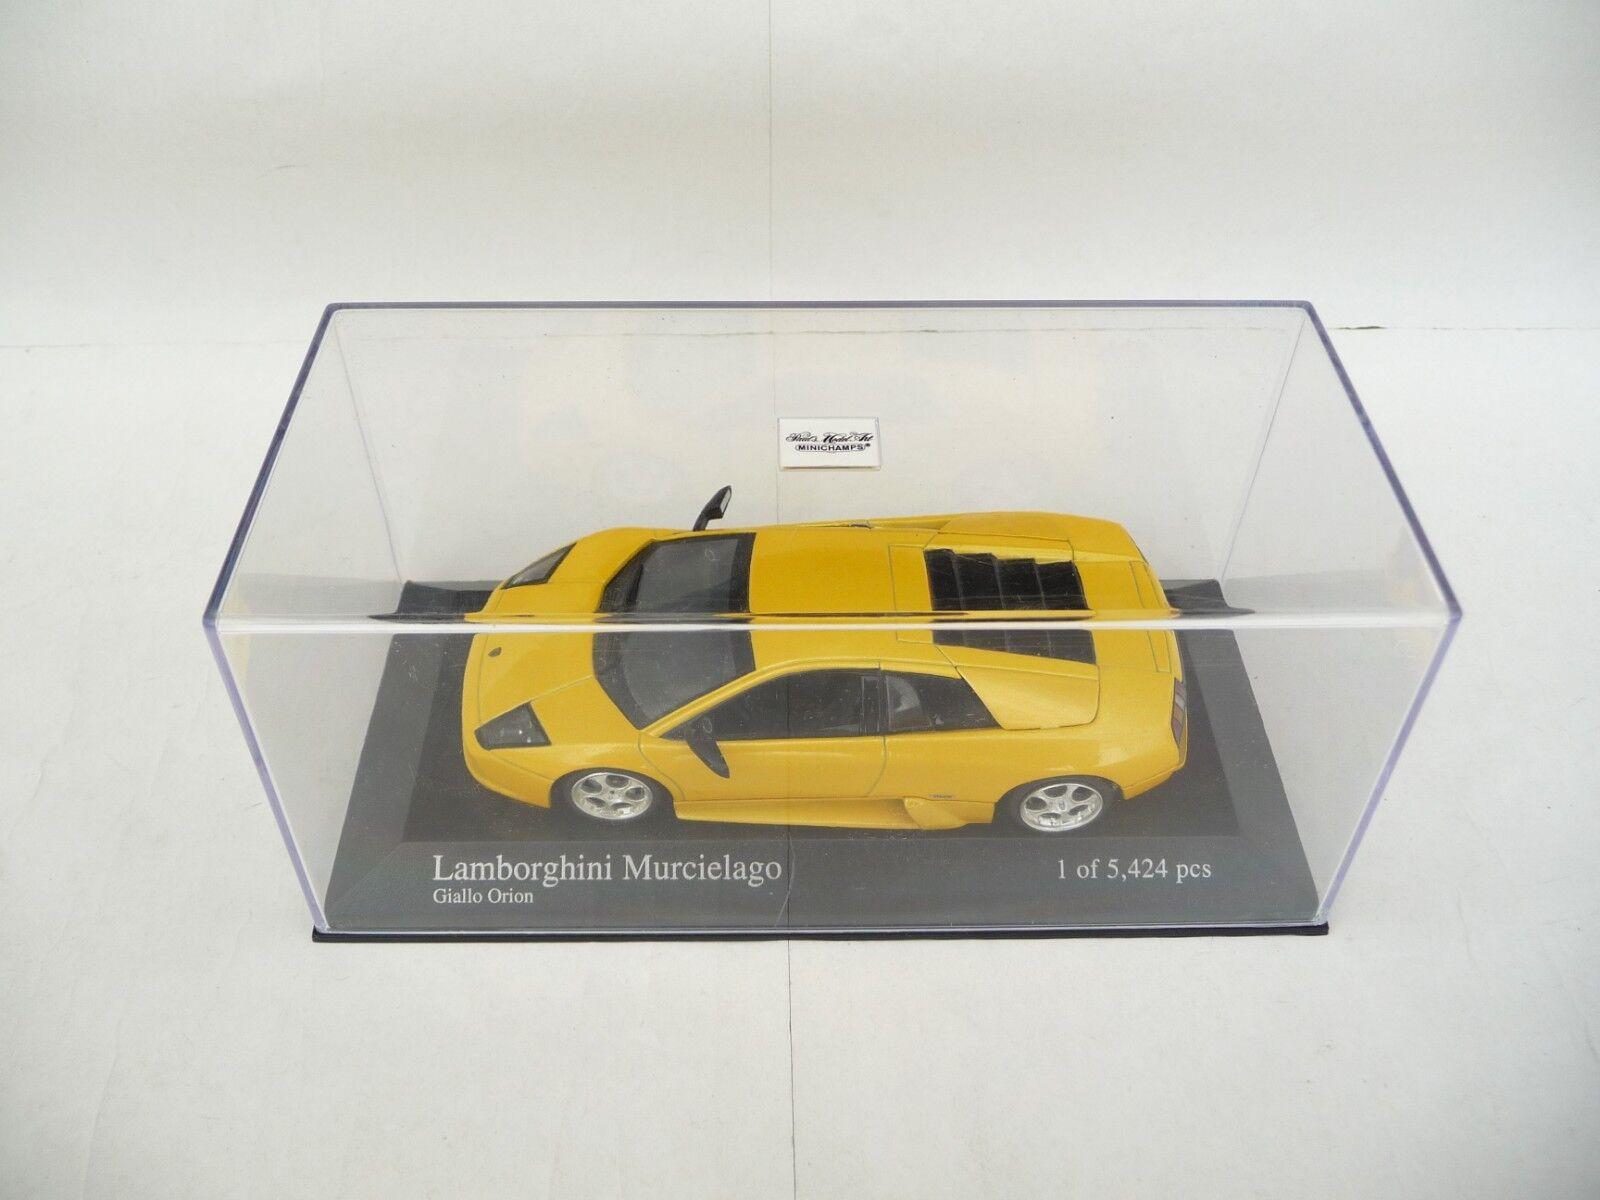 Minichamps 1 43 Lamborghini Murcielago 2004 Metallic Yellow 103520